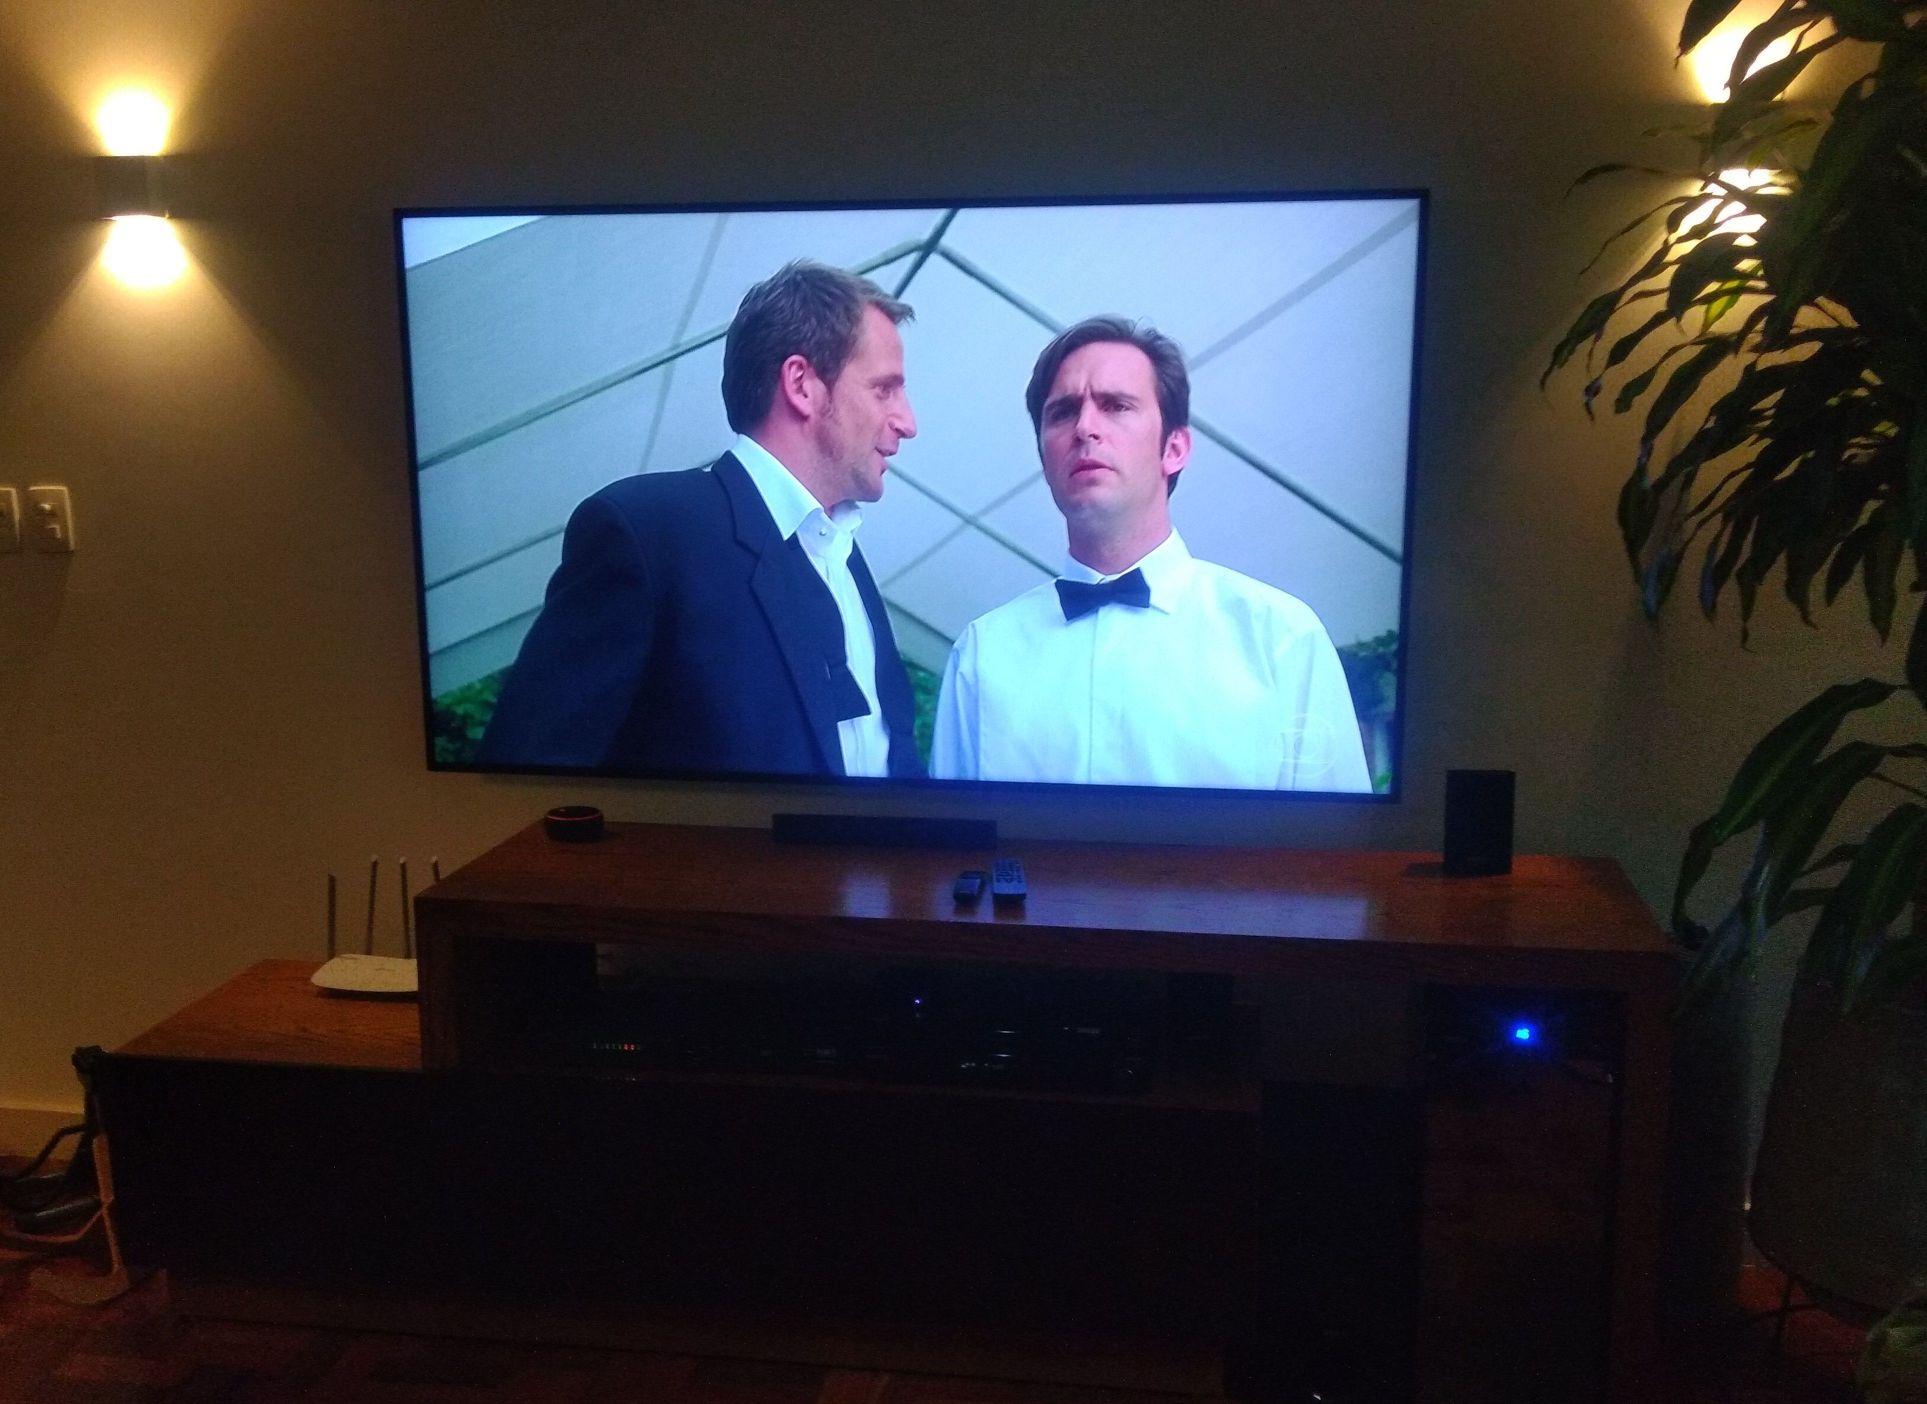 instalação de tv 75 polegadas em suporte fixo.